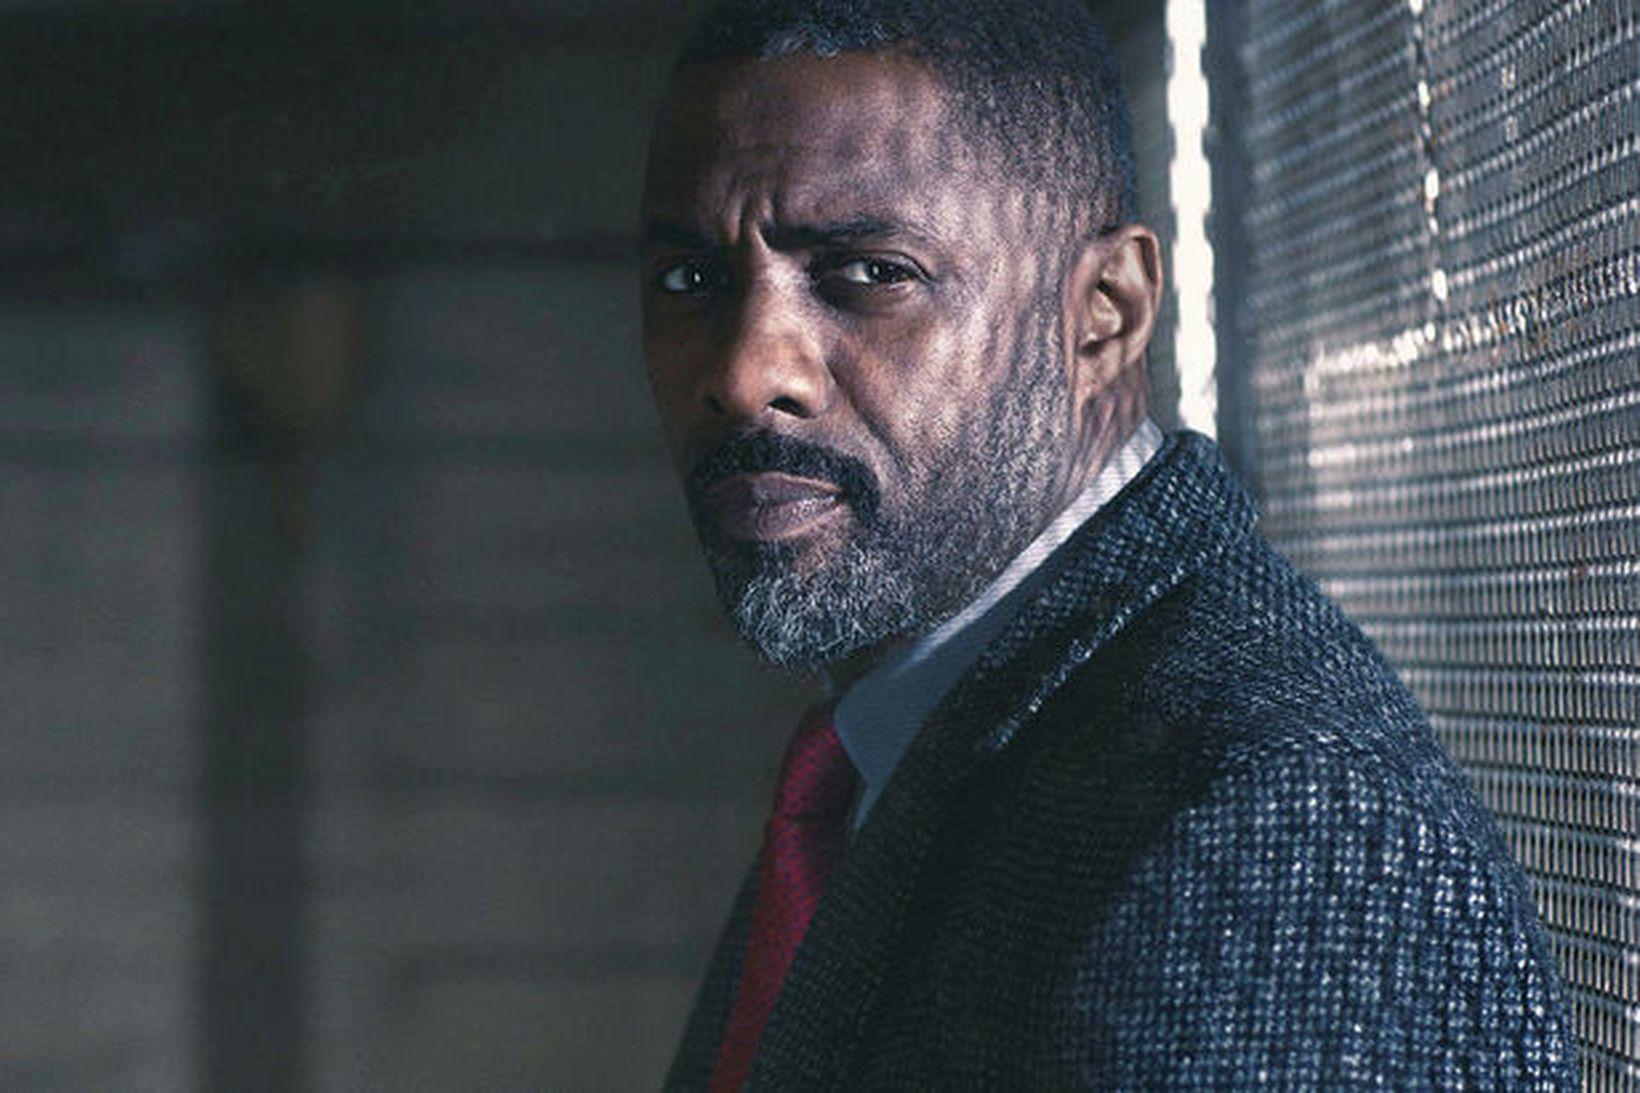 Idris Elba hefur leikið í fjölda kvikmynda og sjónvarpsþátta en …